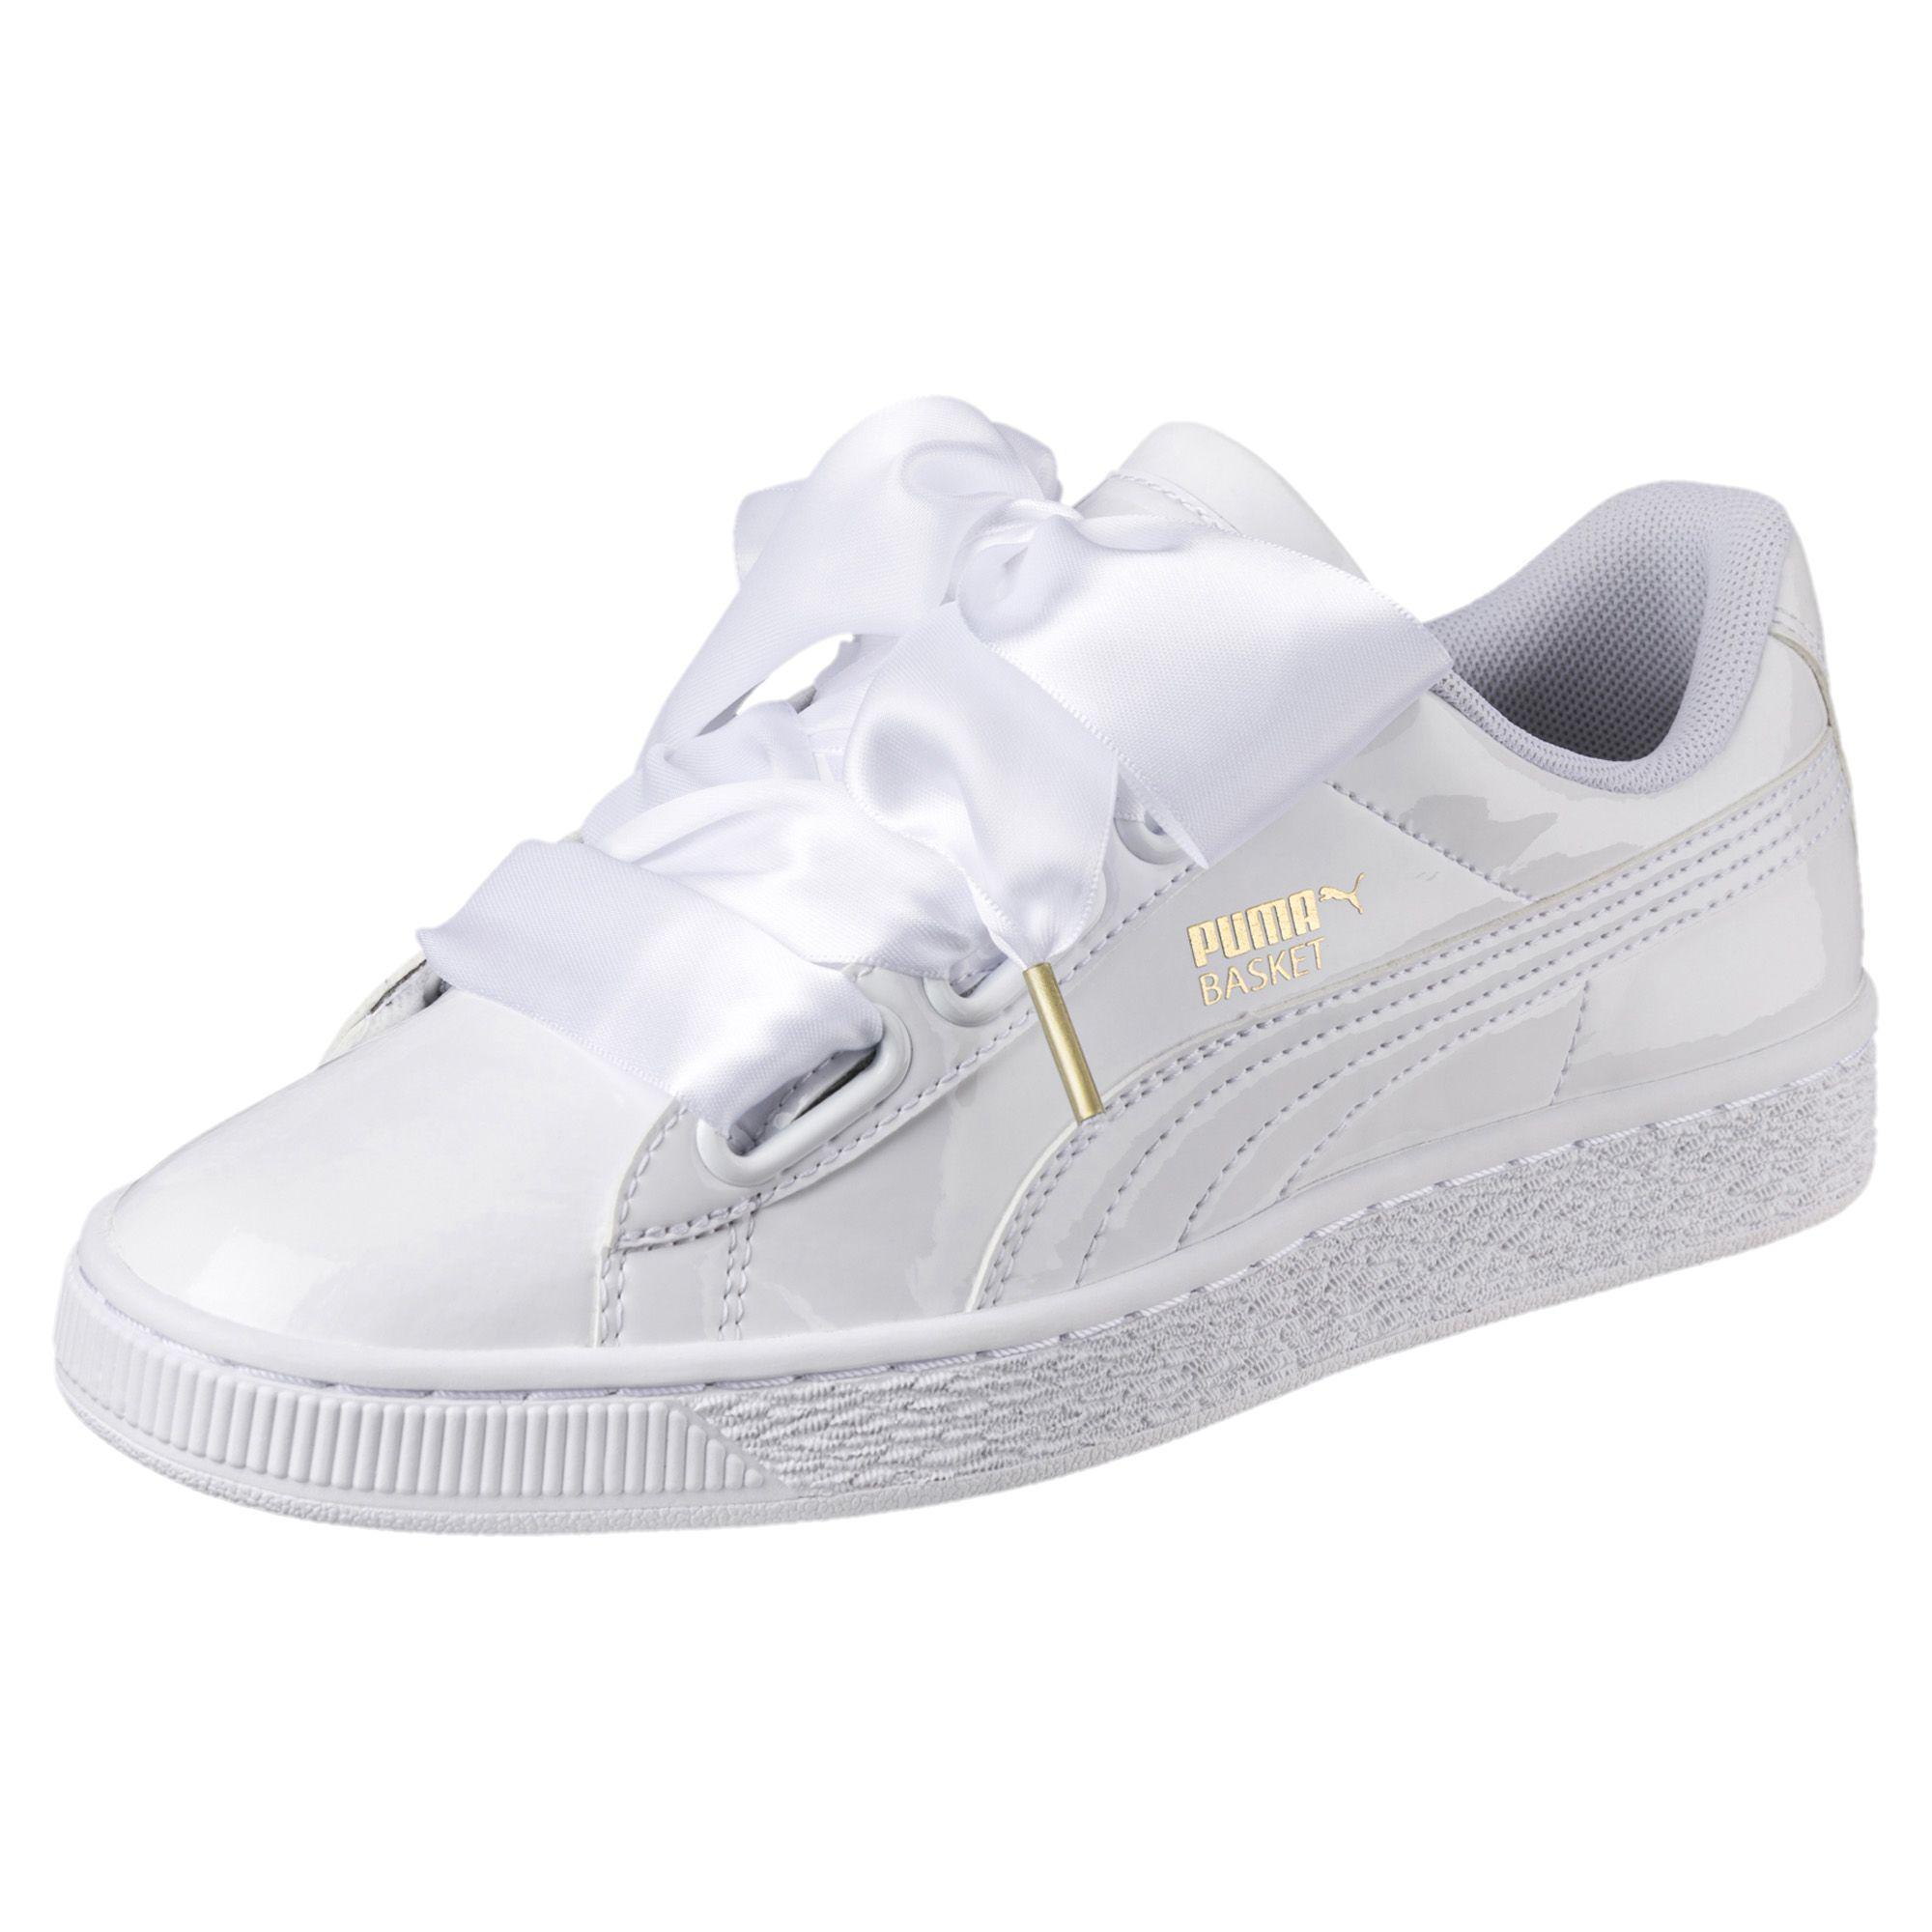 60420b95fbd5 Lyst - PUMA Basket Heart Patent Women s Sneakers in White